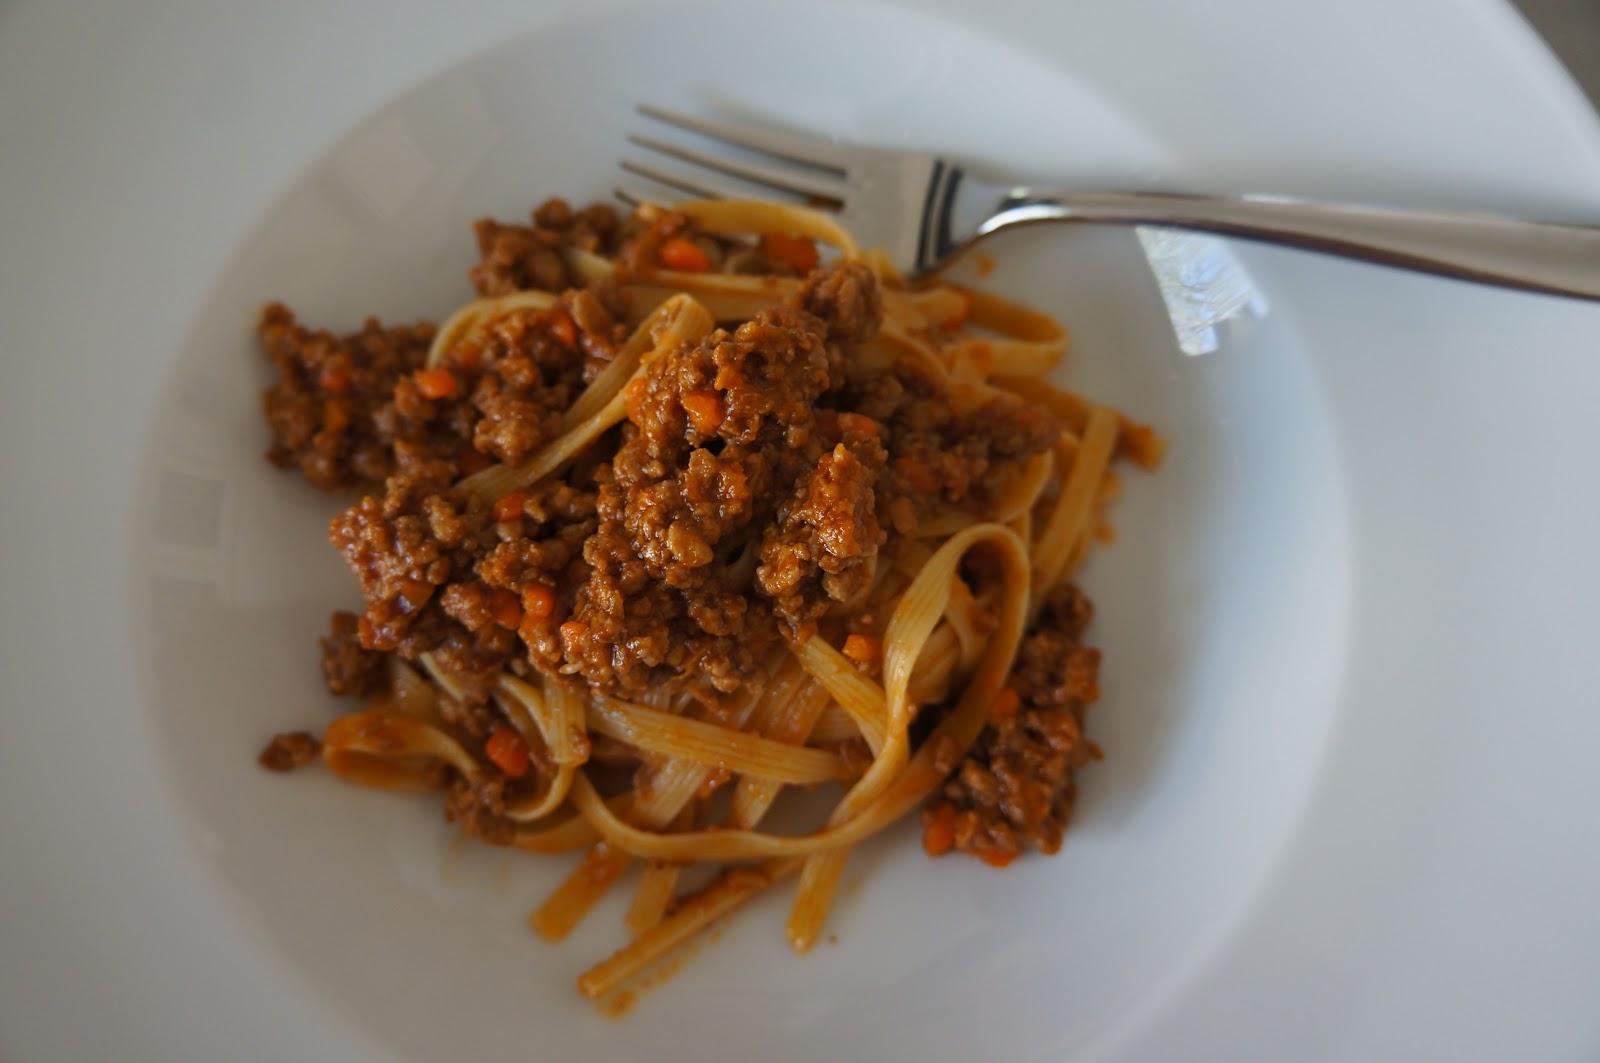 ragu alla bolognese ragù alla bolognese italians don t serve ...